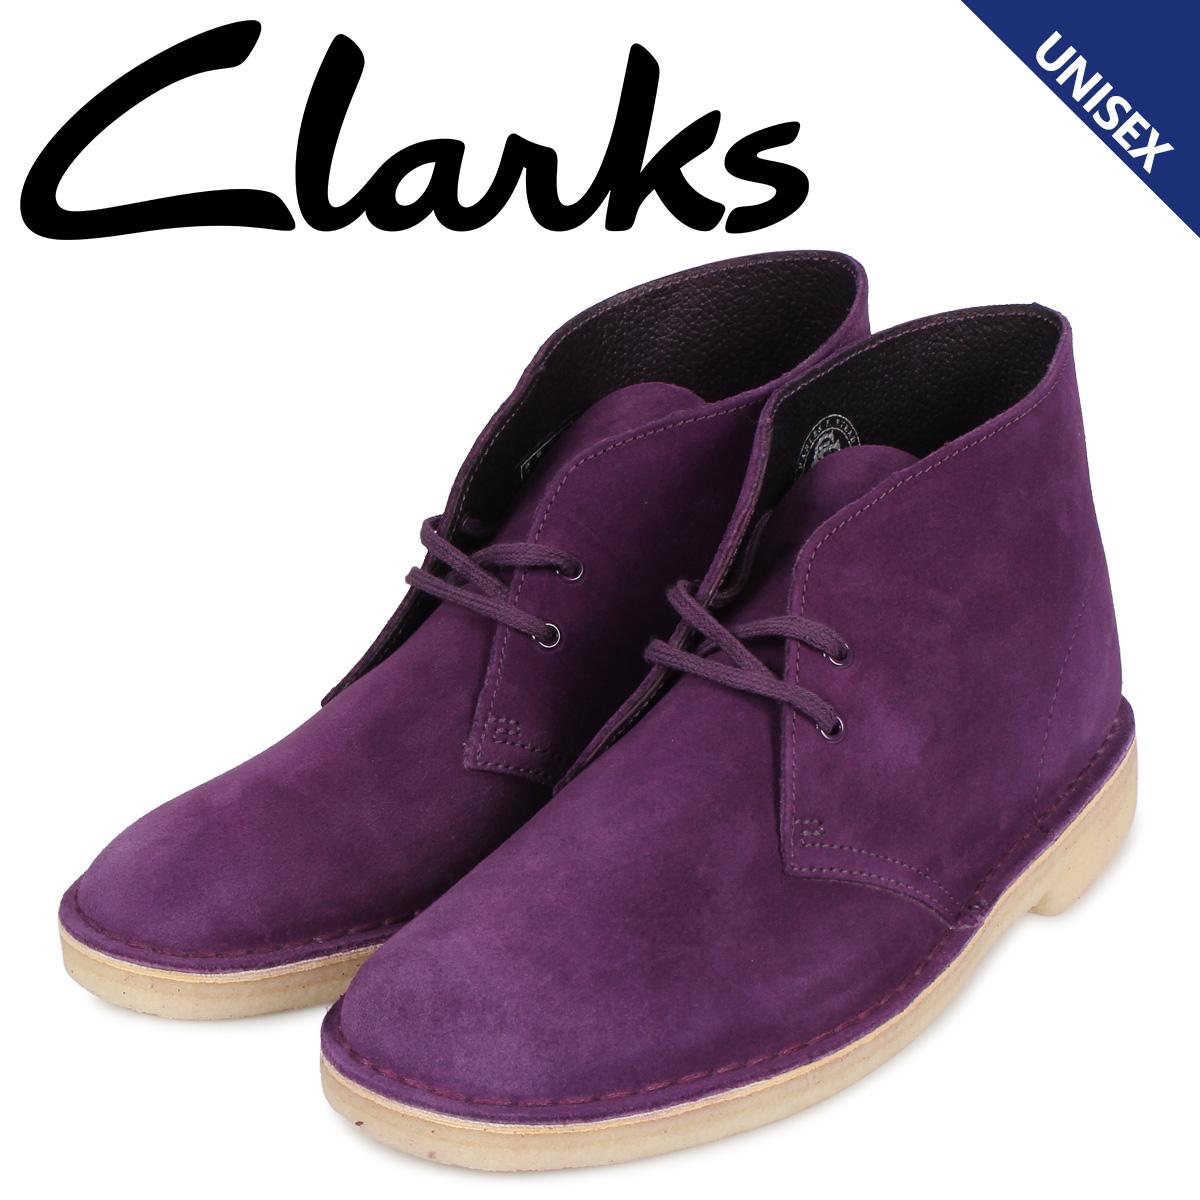 【最大2000円OFFクーポン】 クラークス Clarks デザートブーツ メンズ レディース DESERT BOOT スエード パープル 26144167